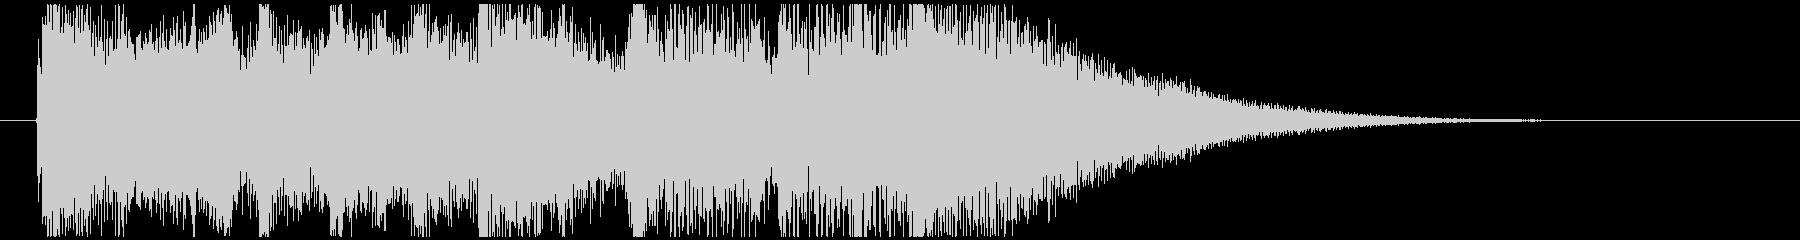 琴・尺八・和太鼓の純和風ロゴの未再生の波形